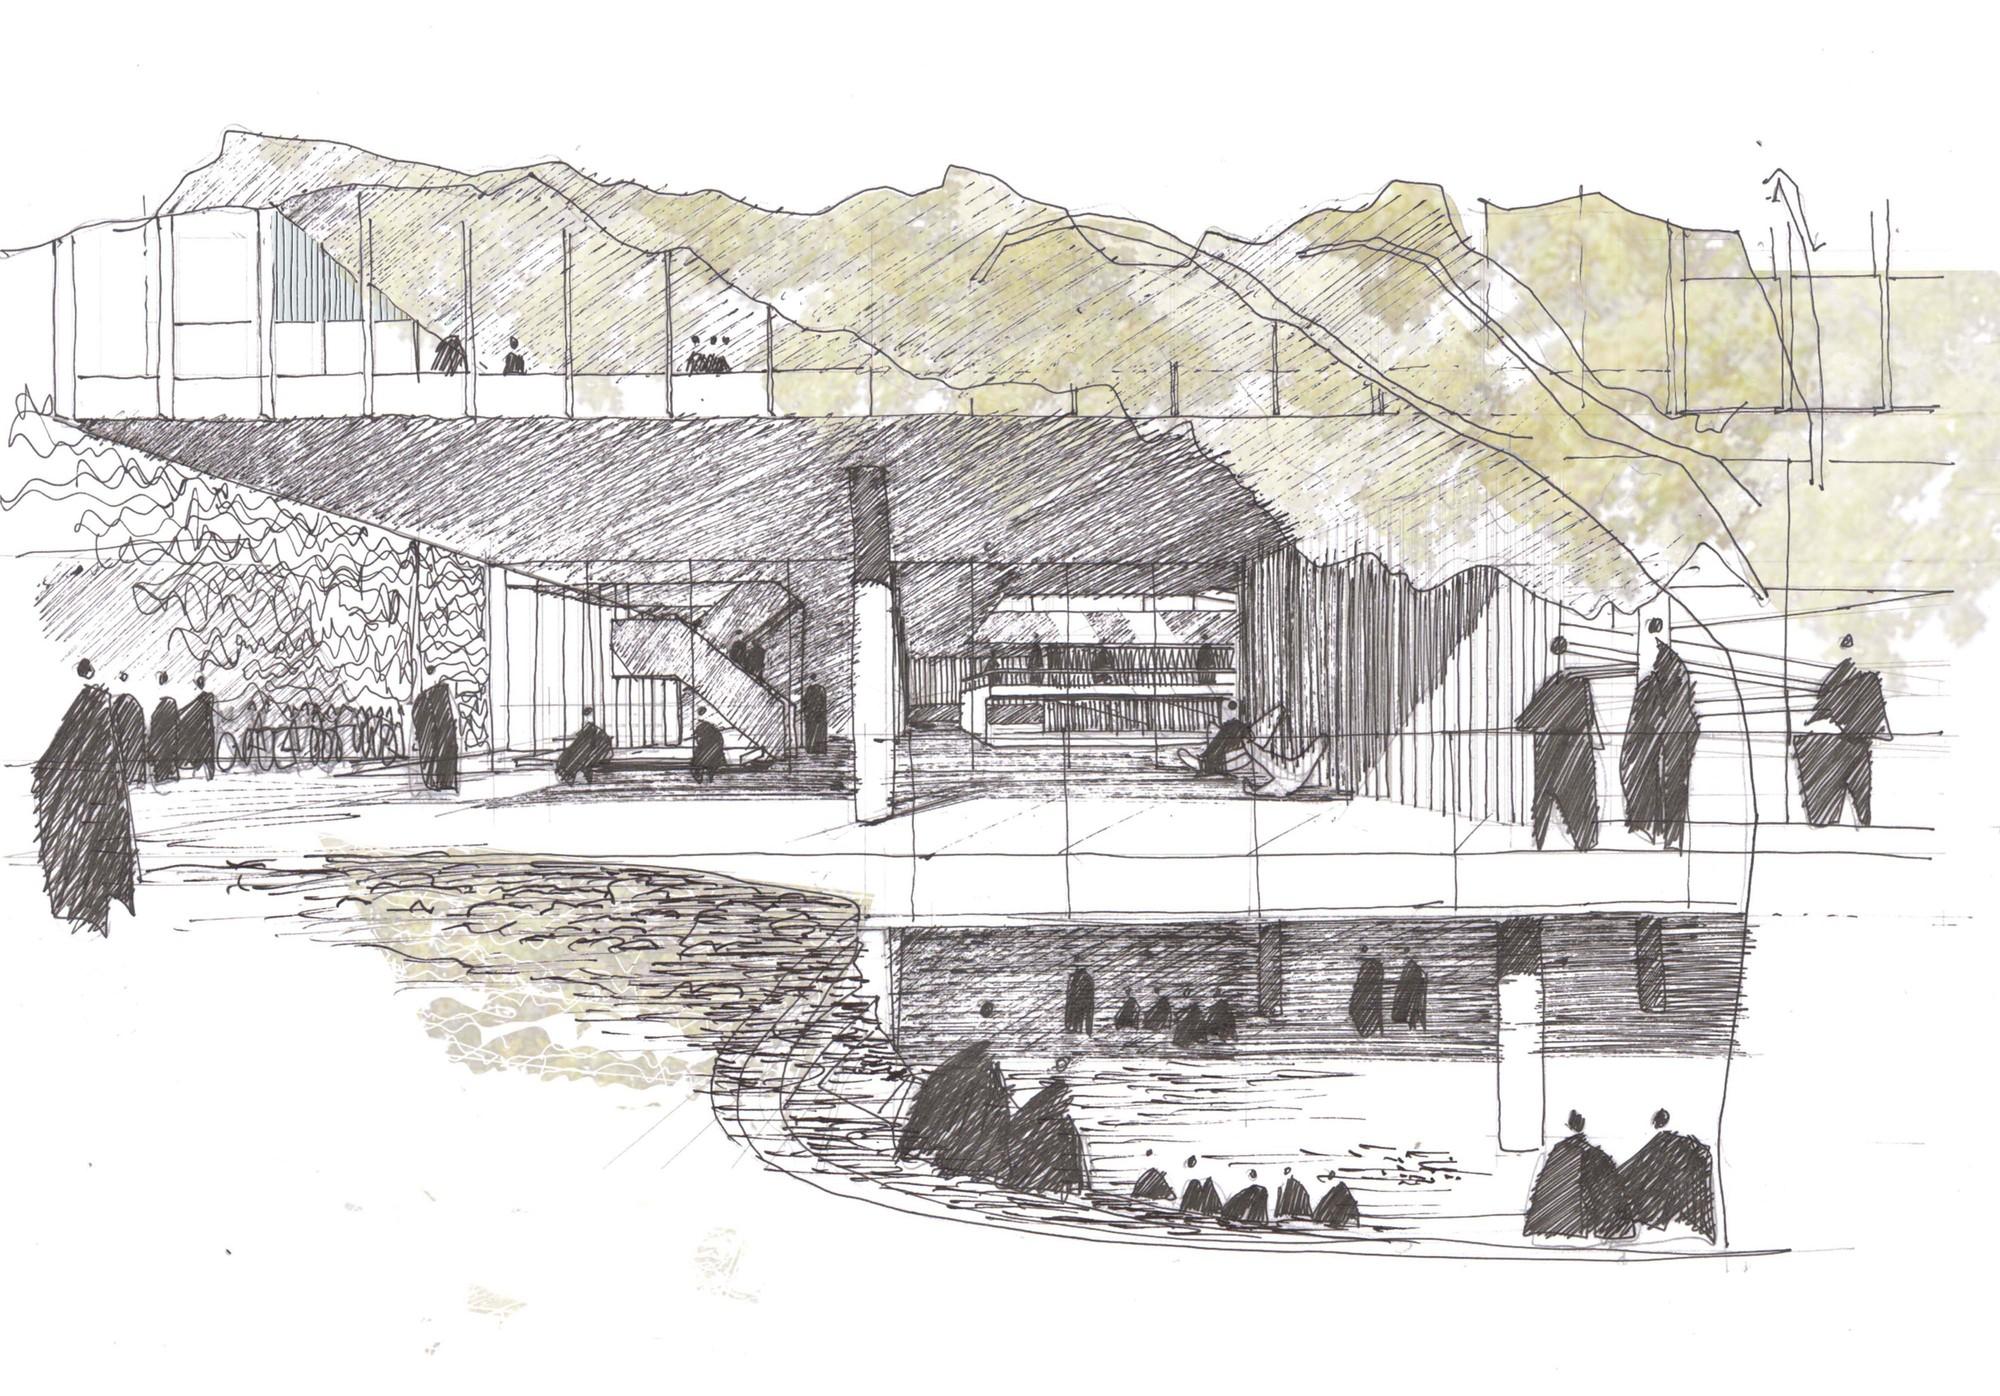 Galer a de resultados concurso arquifadu nueva escuela de for 5 tecnicas de la arquitectura